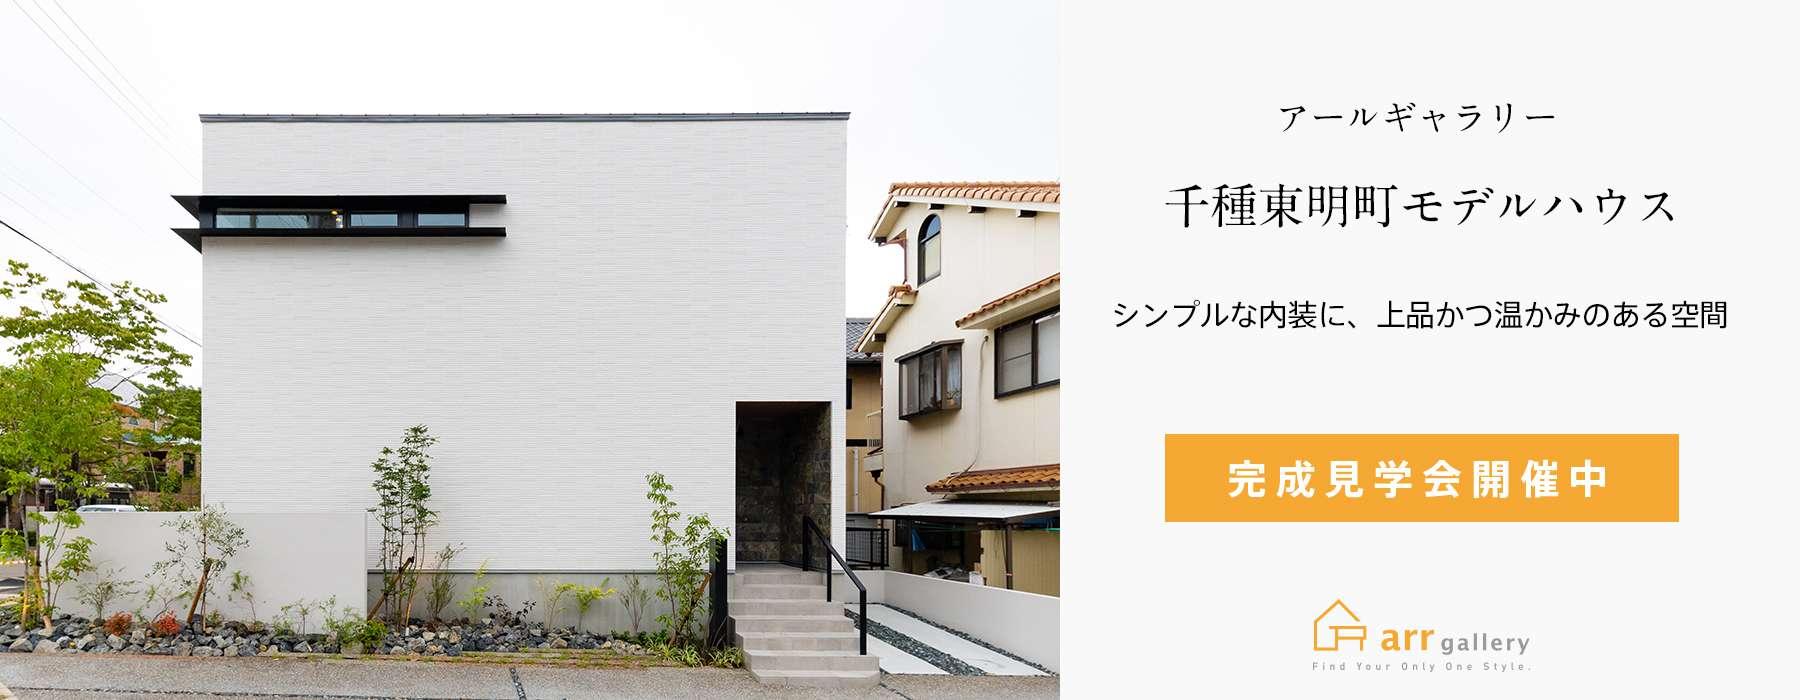 千種東明町モデルハウス